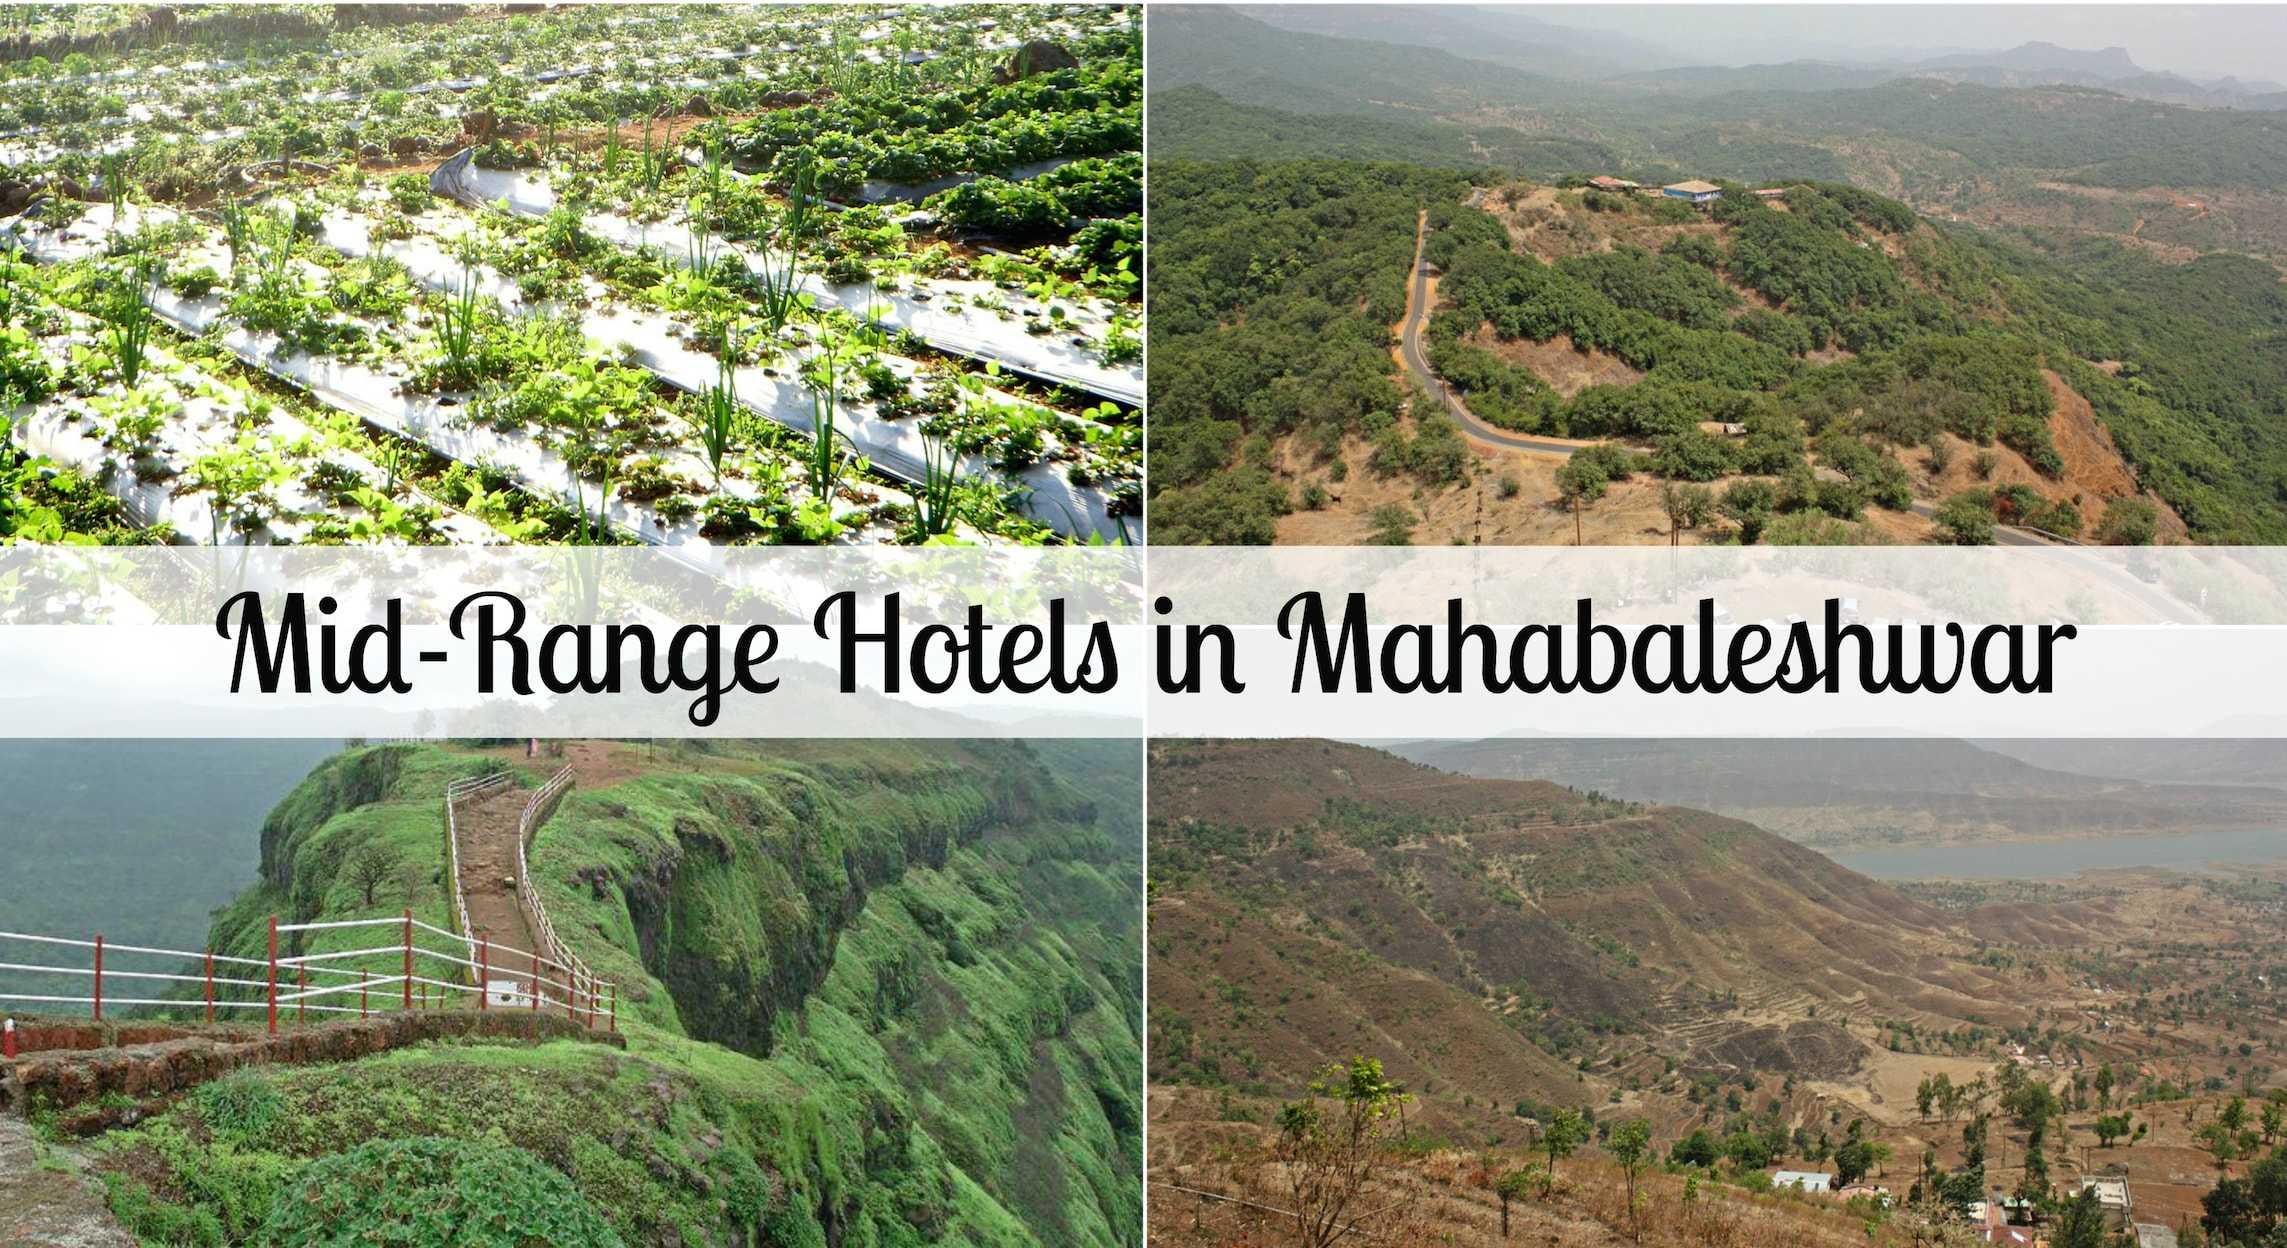 HotelsMahabaleshwar.